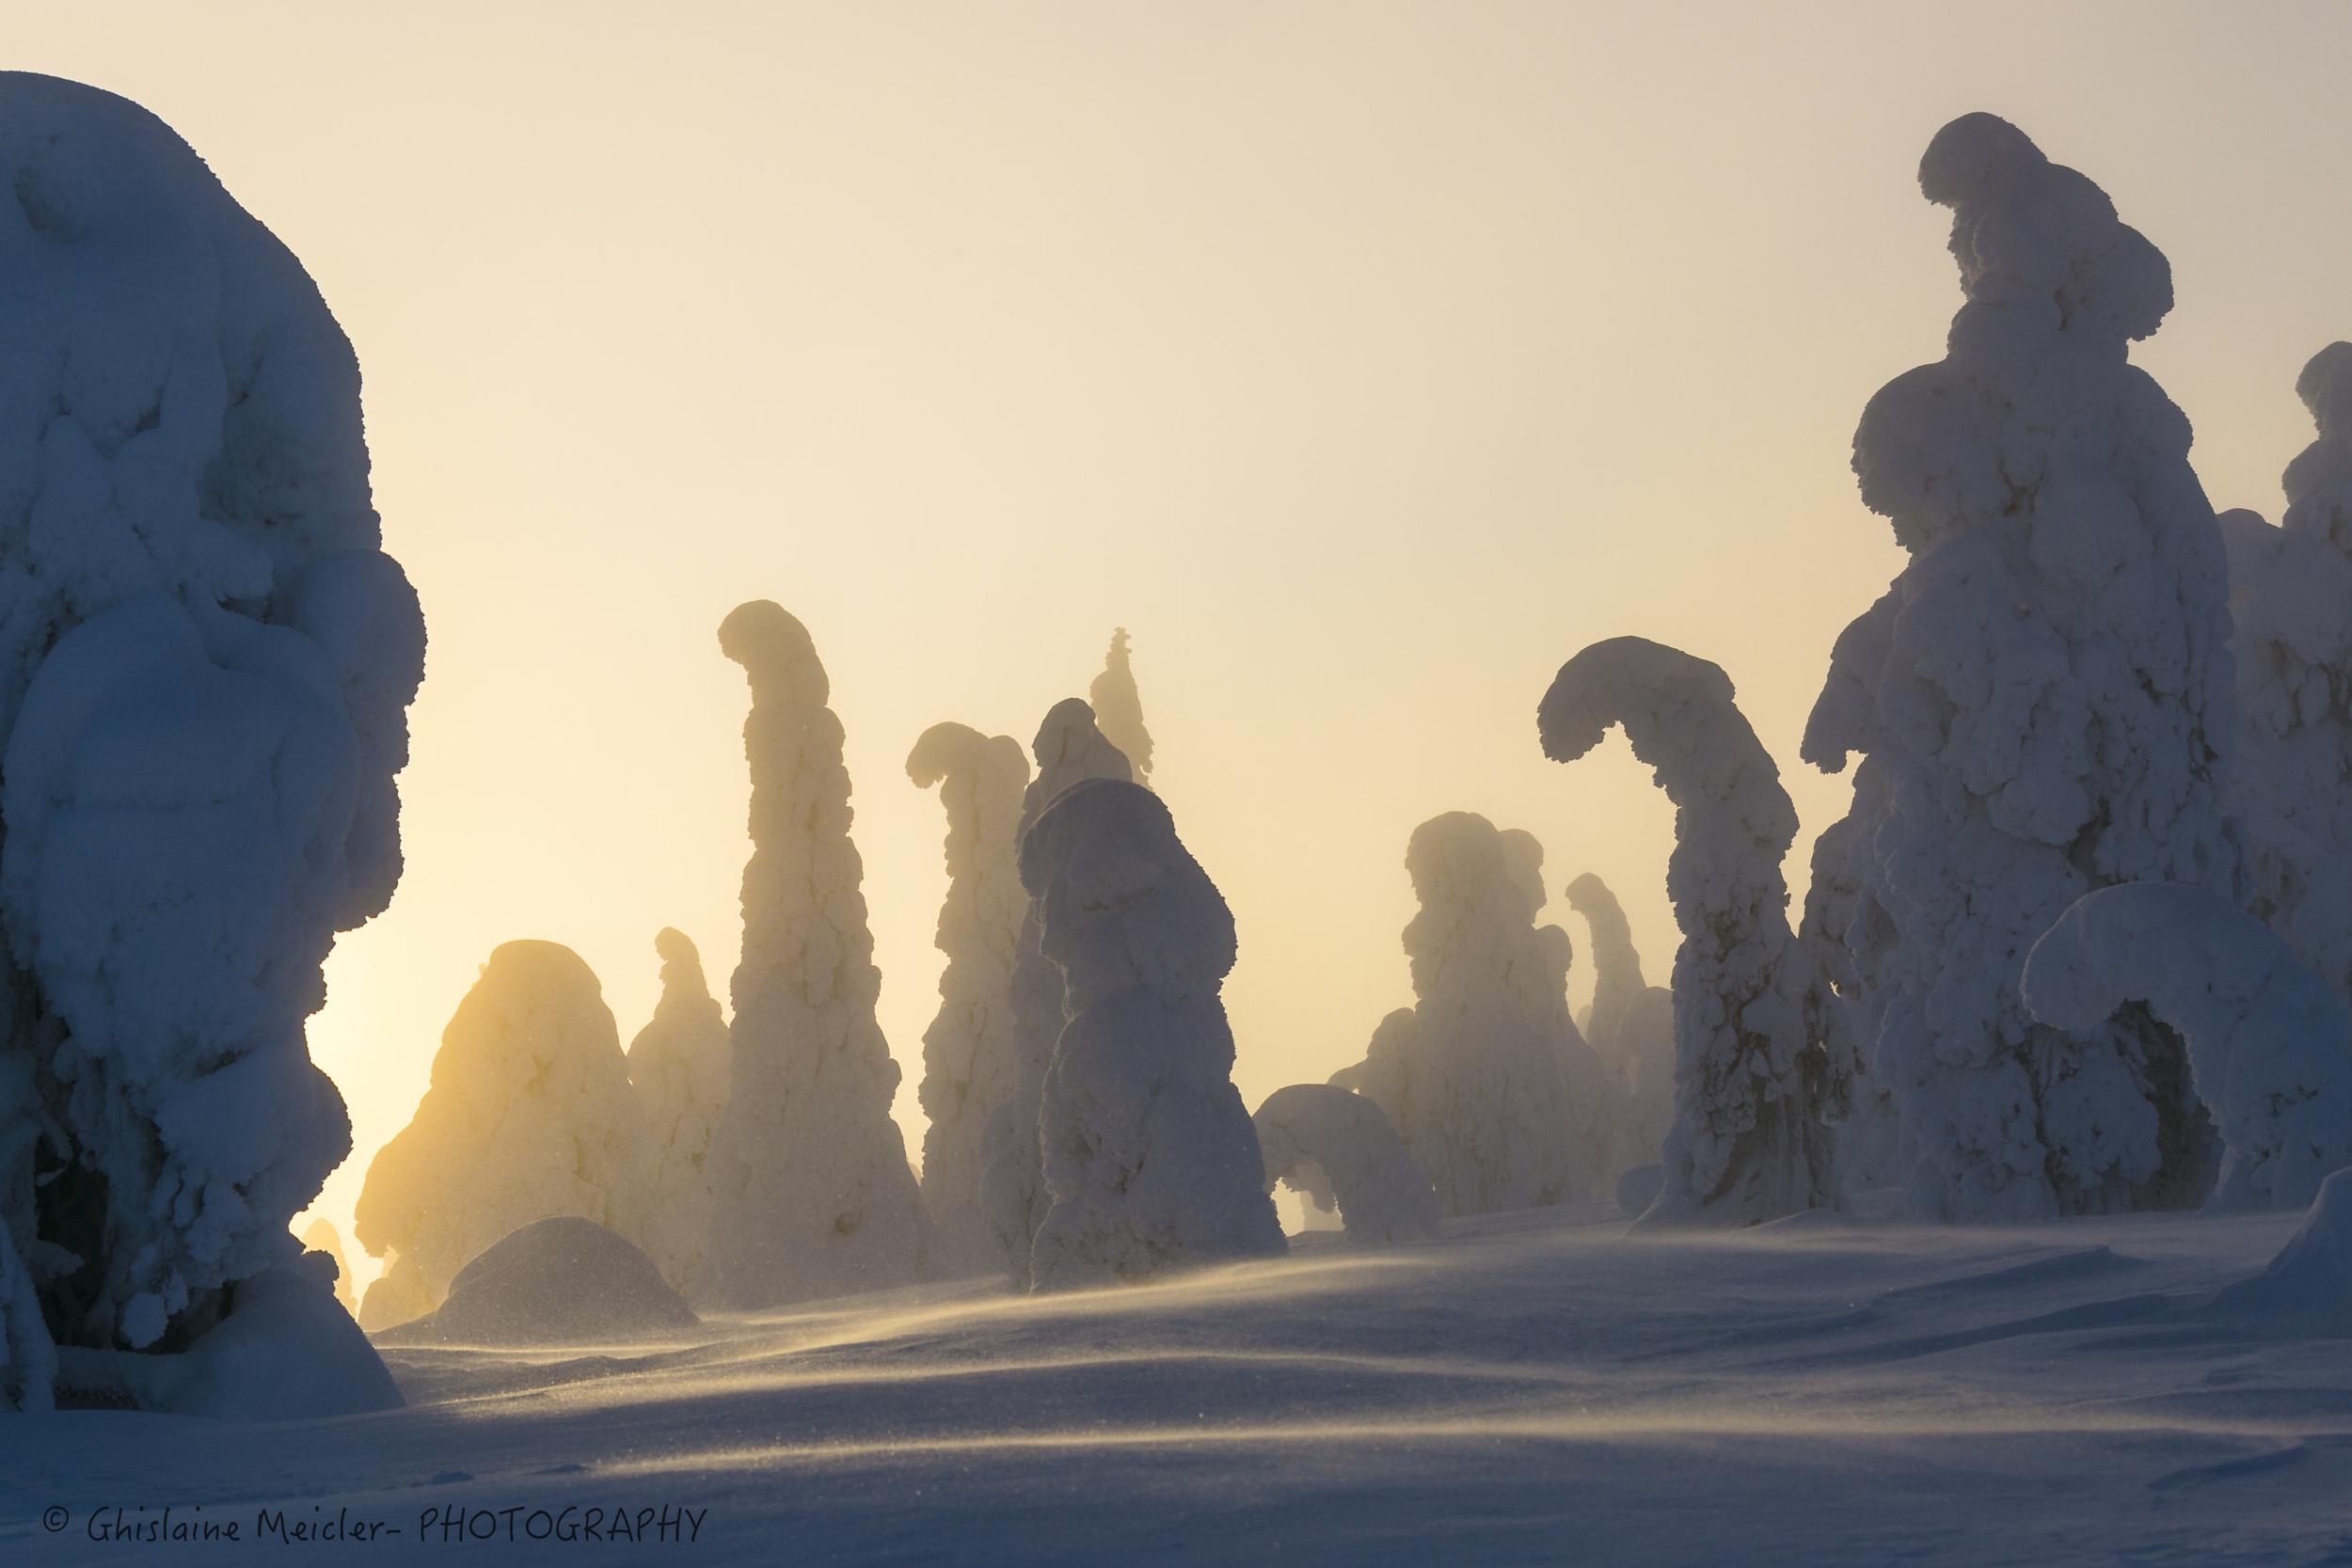 Finlande-672.jpg